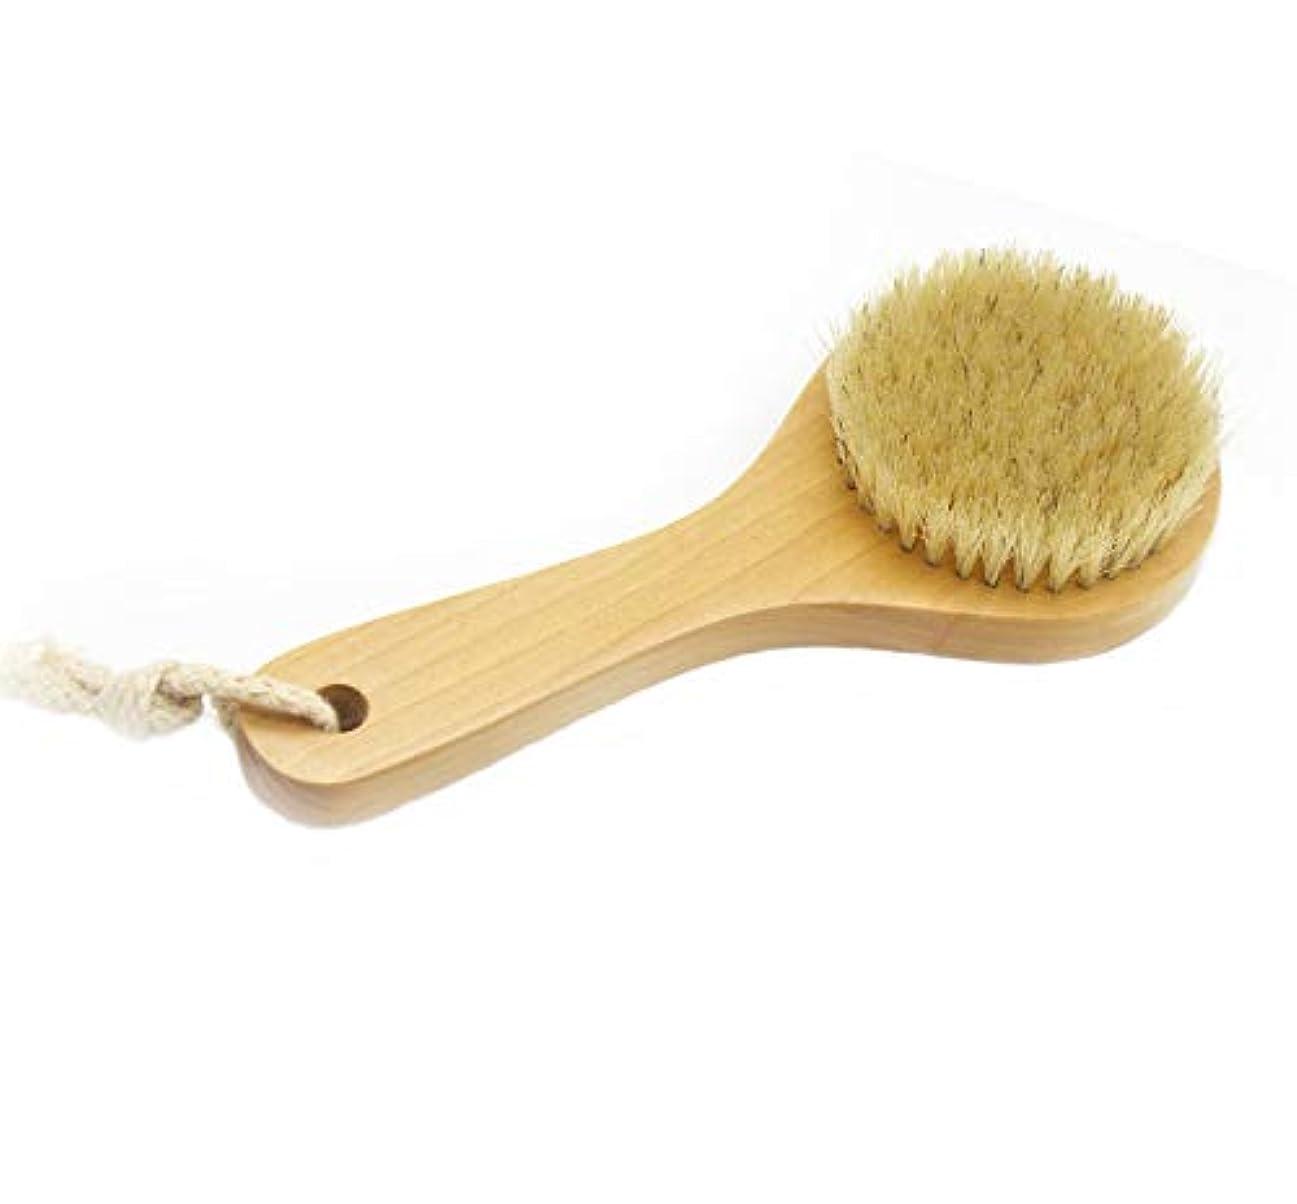 りパイロット憎しみMaltose ボディブラシ 豚毛100% 木製 天然素材 短柄 硬め 足を洗う 体洗いブラシ 角質除去 美肌 お風呂グッズ (B:20 * 8CM)